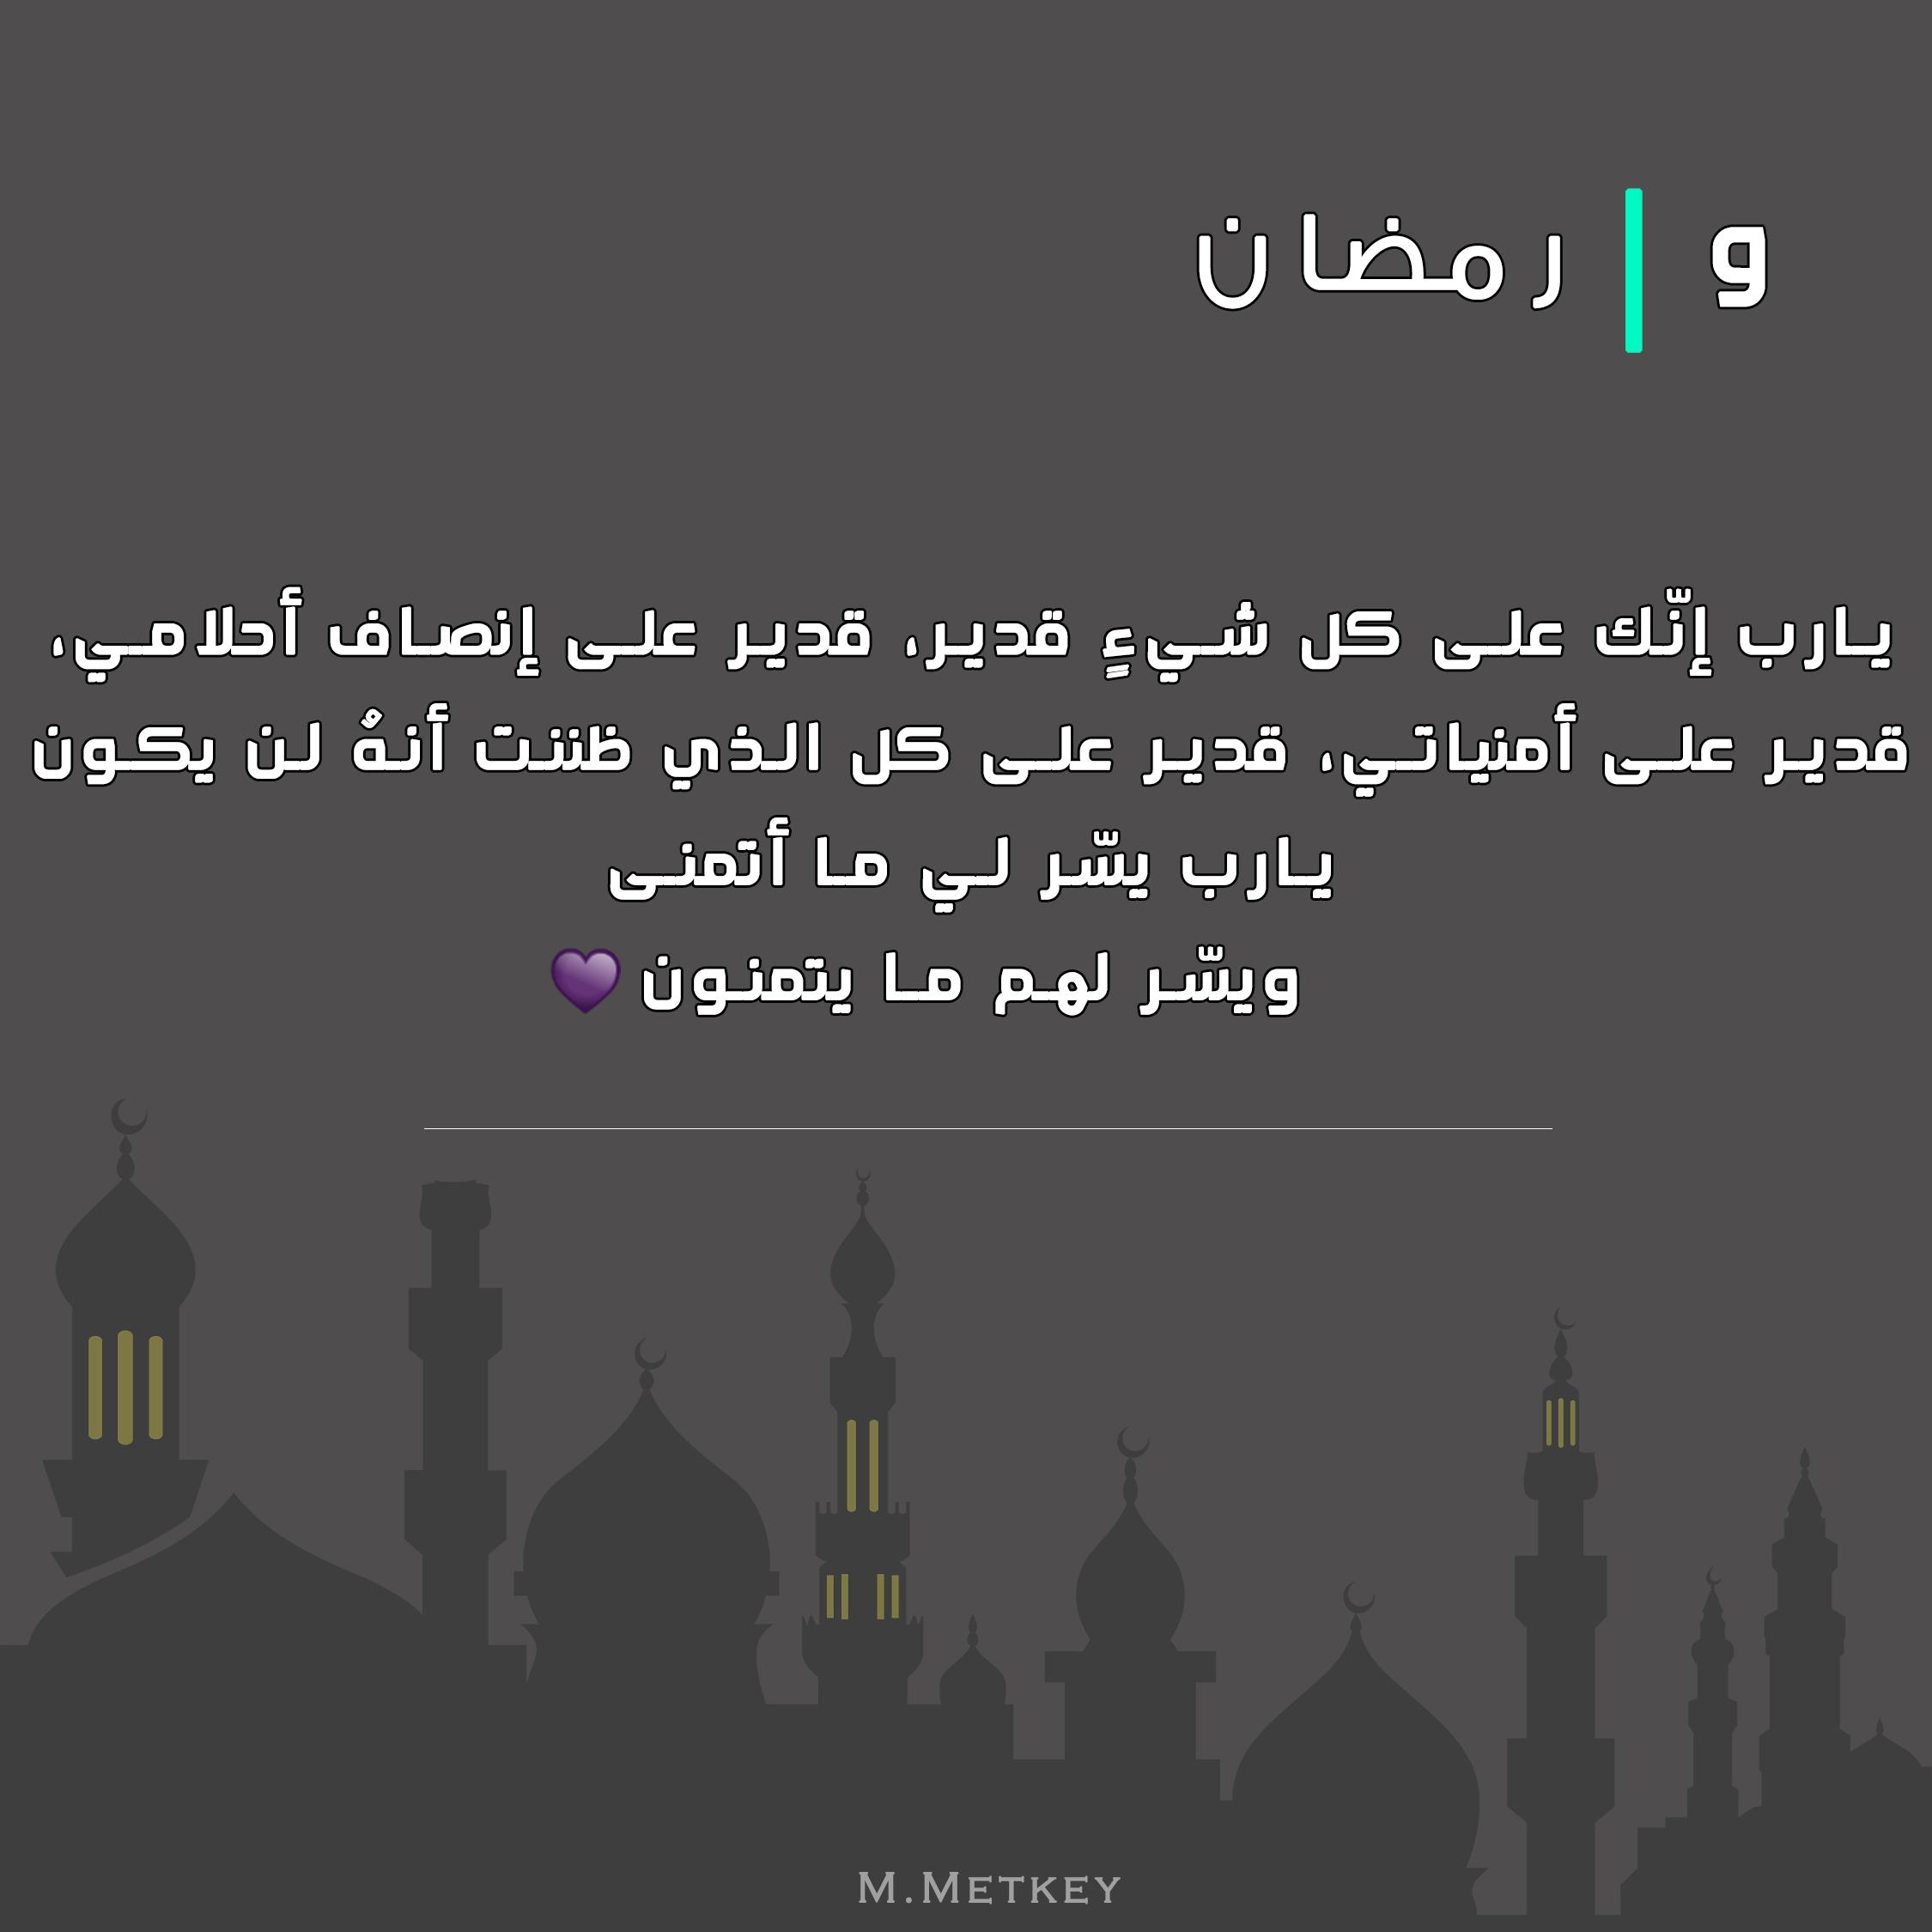 9 رمضان Metkey Islamic Phrases Ramadan Quotations